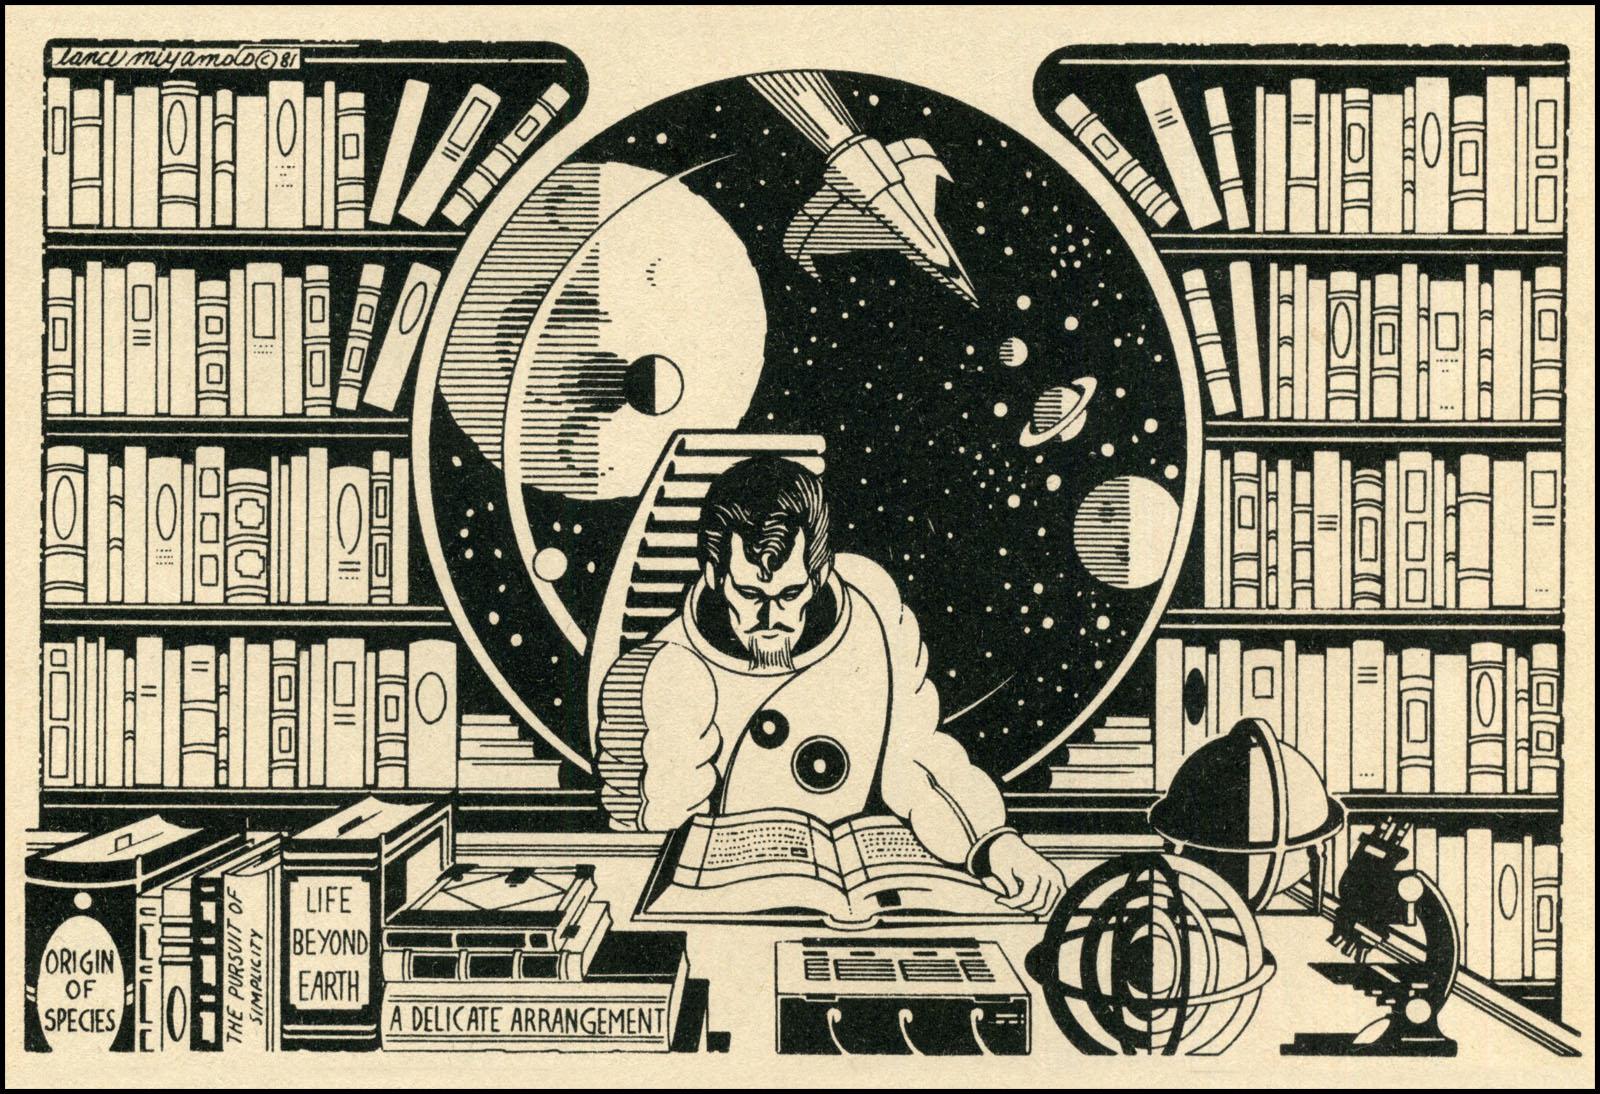 space-book-image-by-lance-miyamoto